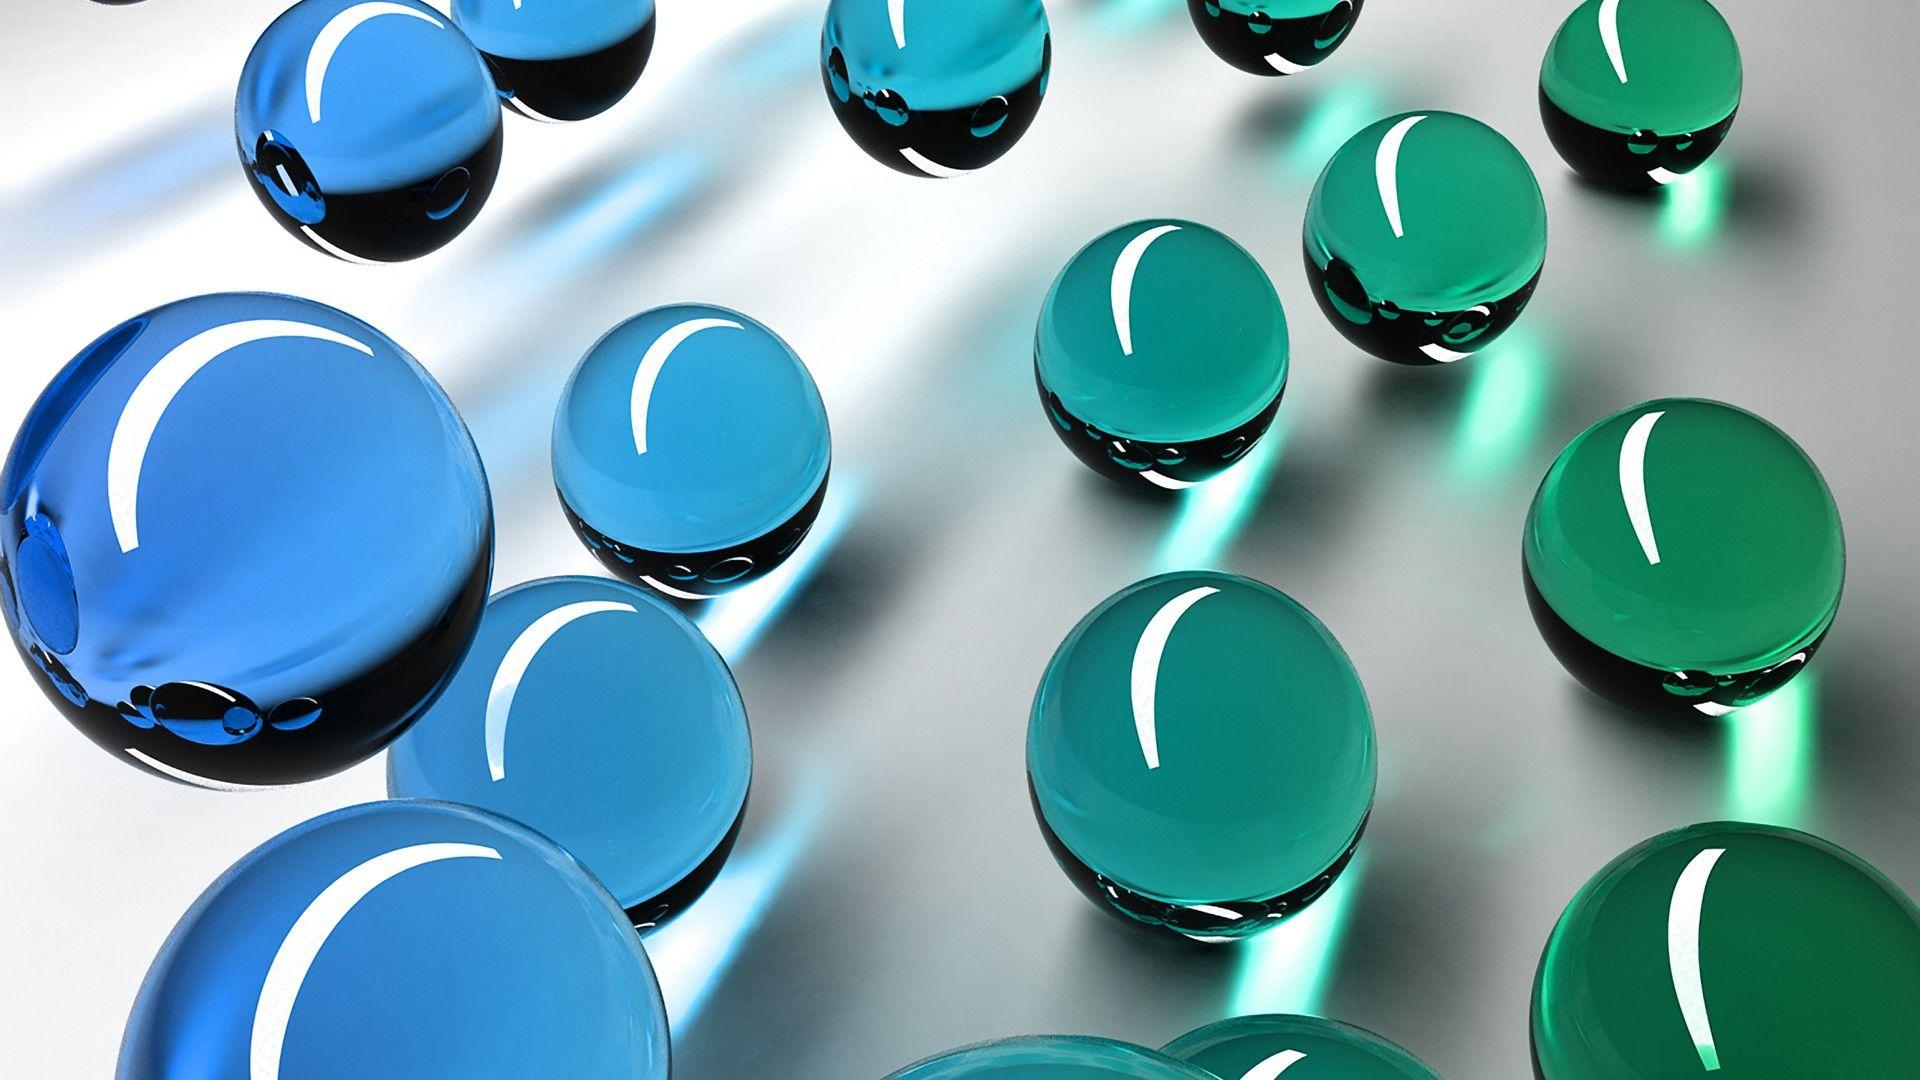 Fond Ecran Abstrait 3d Bille De Verre Bleu Et Vert Wallpaper Hd Billes De Verre Verre Bleu Billes Bleues